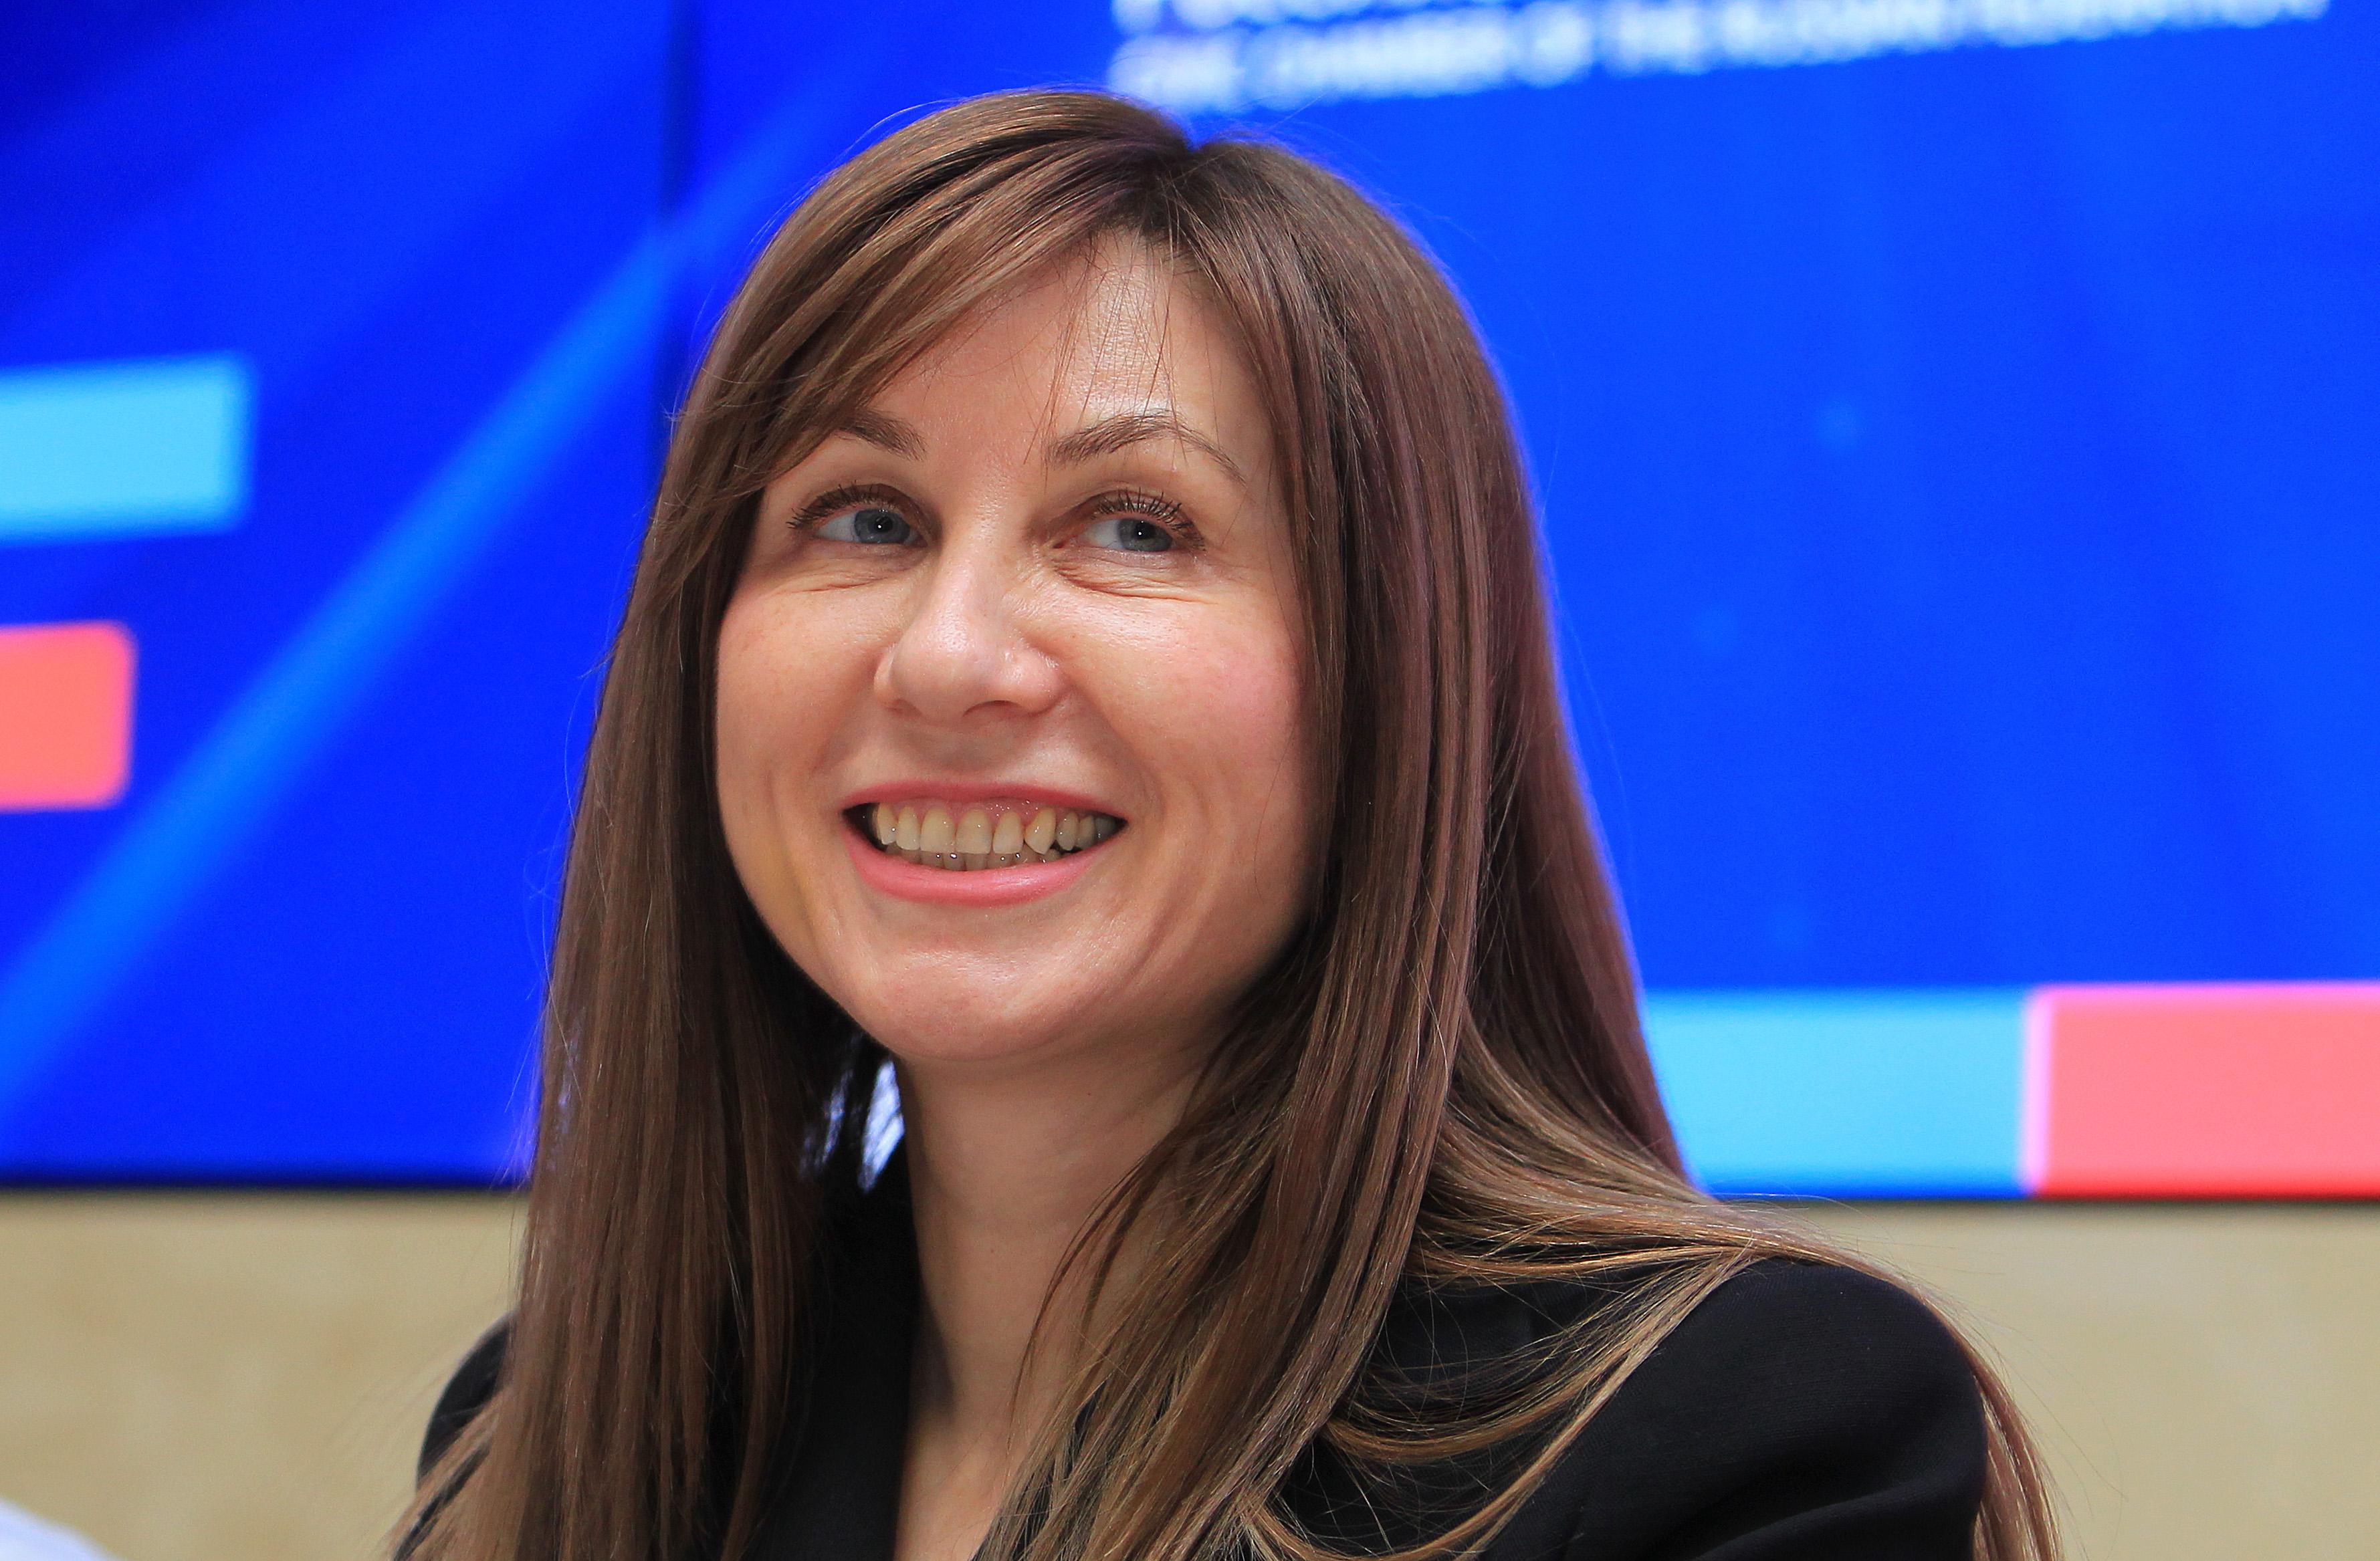 Депутат МГД Картавцева рассказала о стартовавшей неделе приемов жителей по вопросам медицины